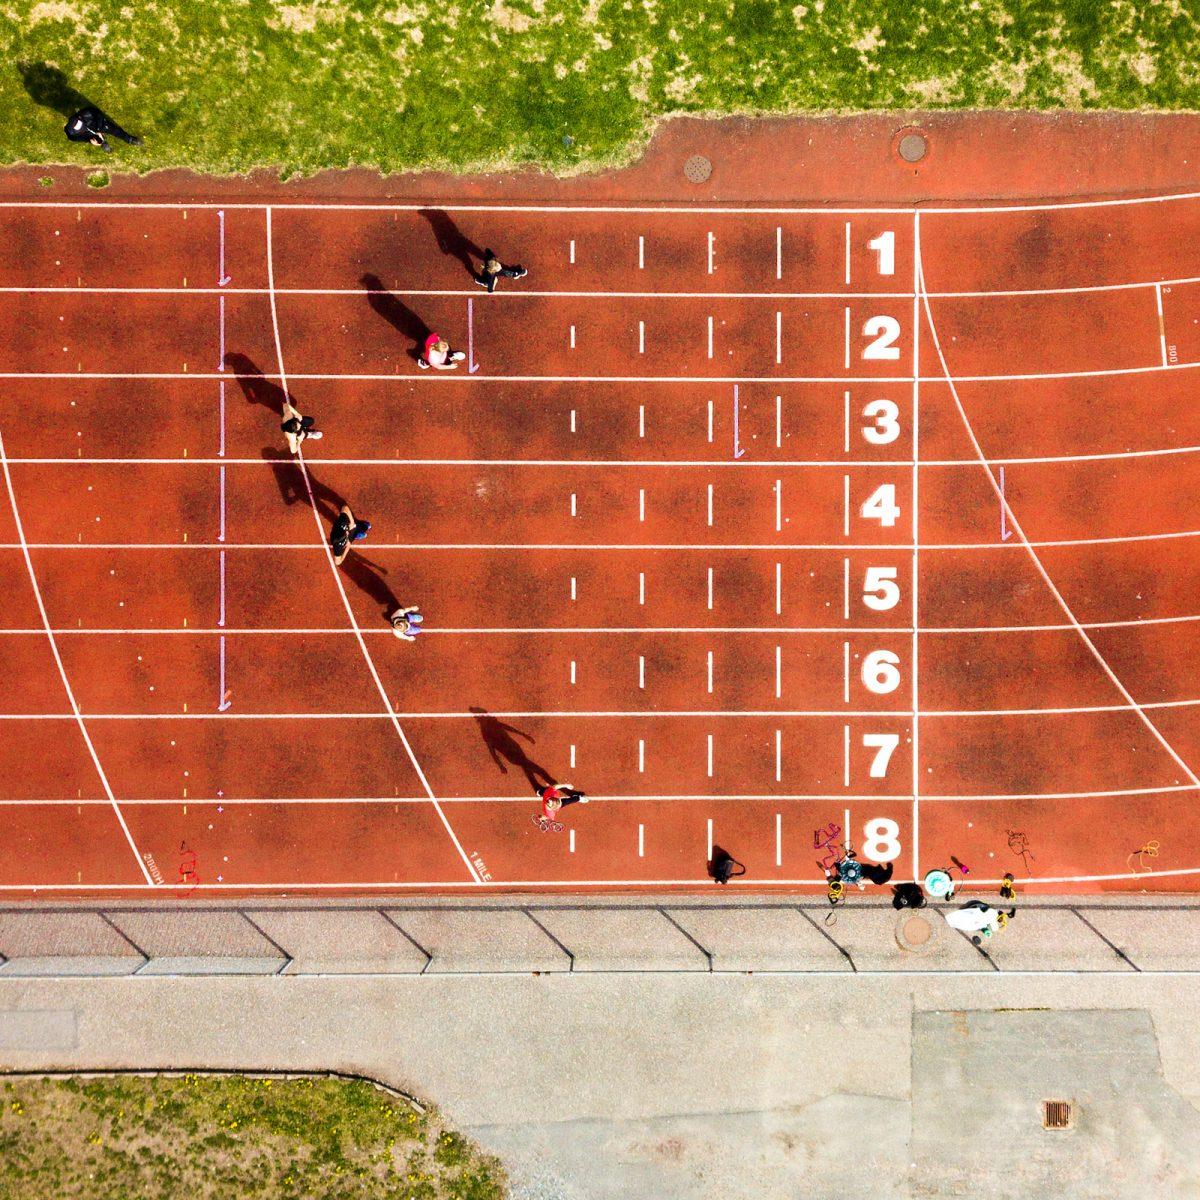 Objektivtest.se foto tävling 3e plats John Kottelin